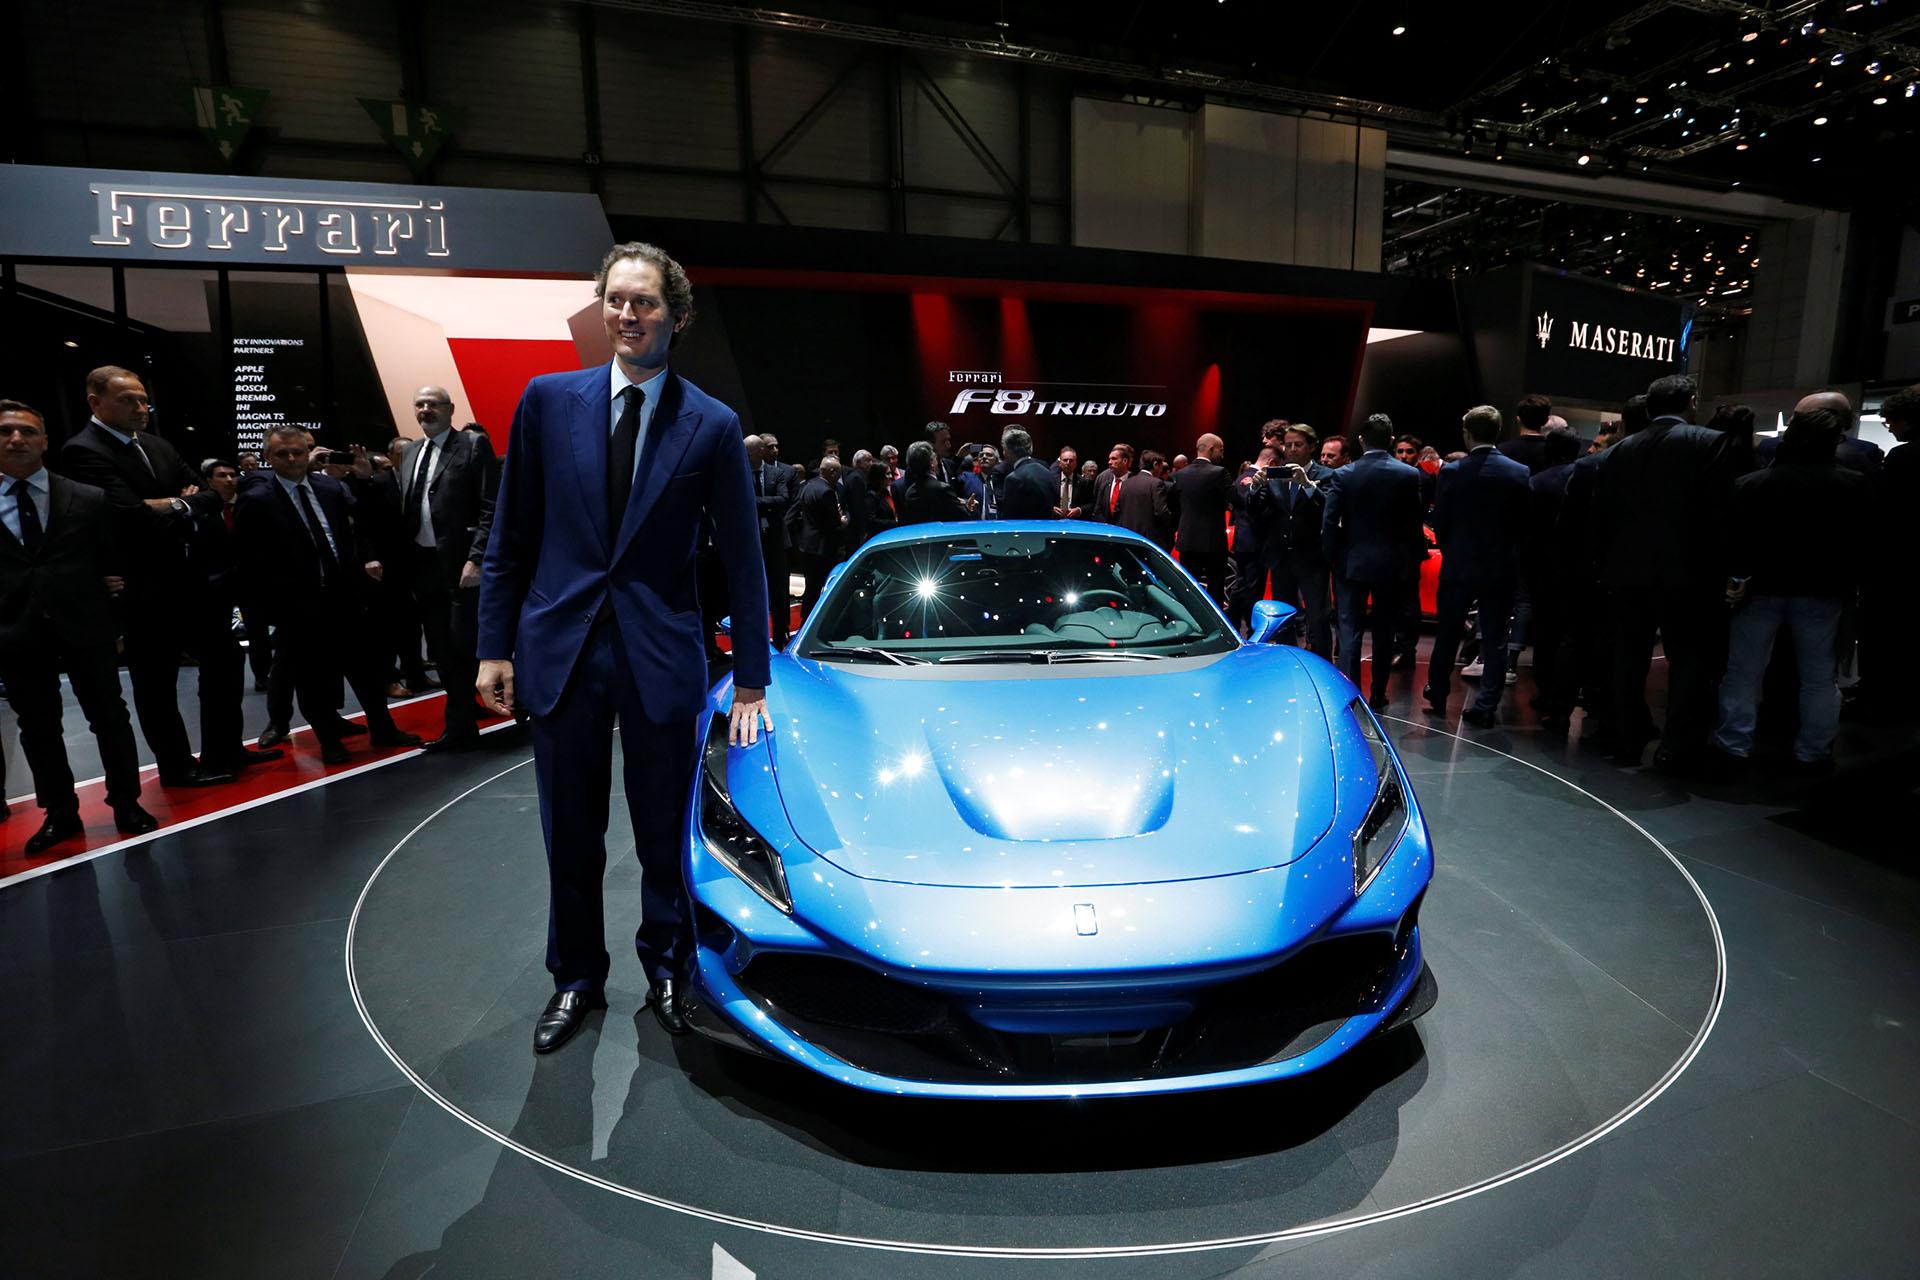 El presidente de Fiat Chrysler Automobiles John Elkann presentó la nueva Ferrari F8 Tributo